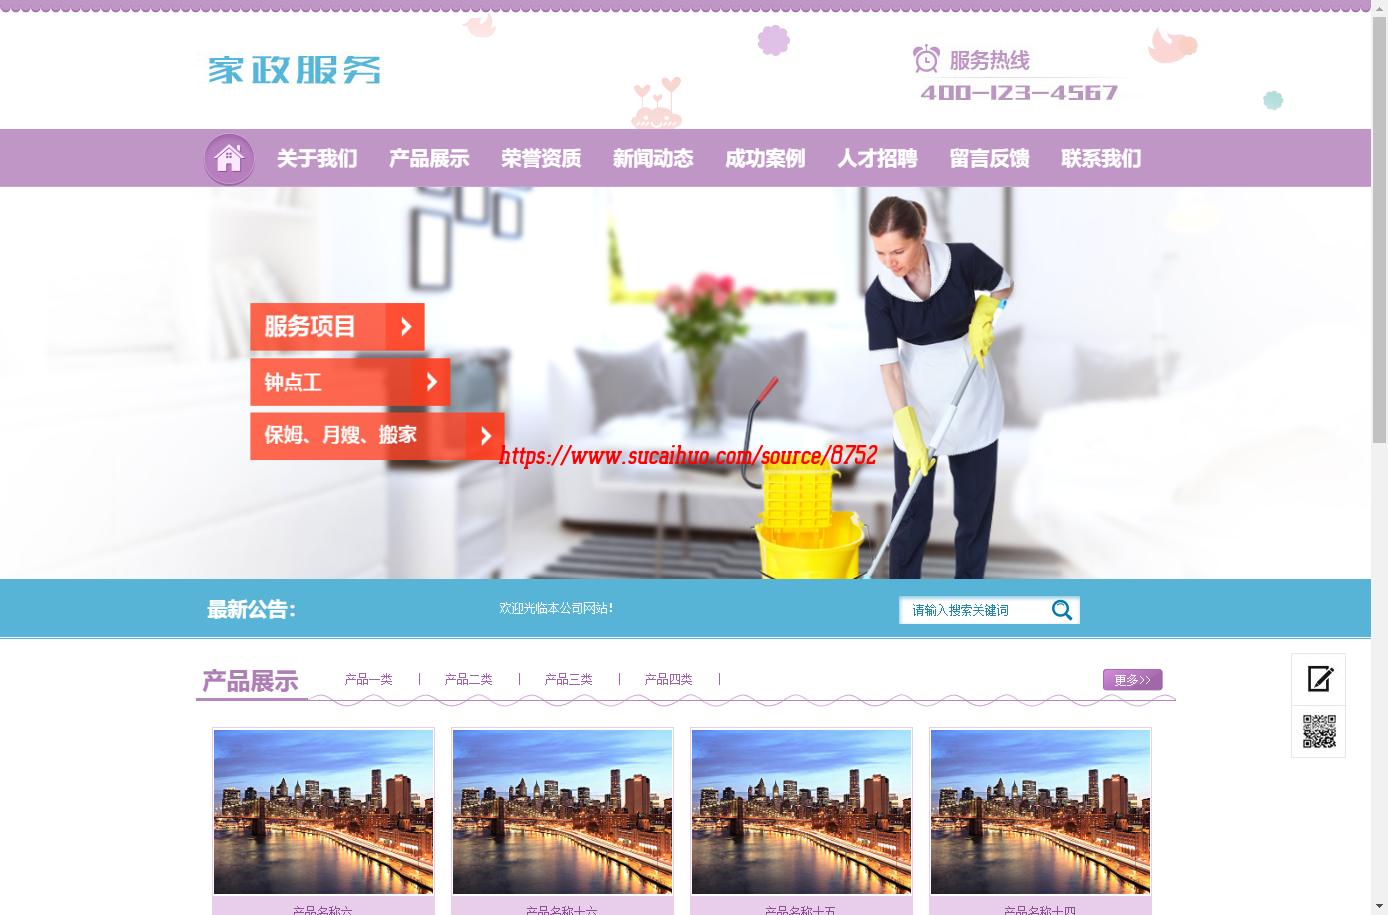 DEDEMCS家政搬家服务网站织梦模板源码 企业通用模板